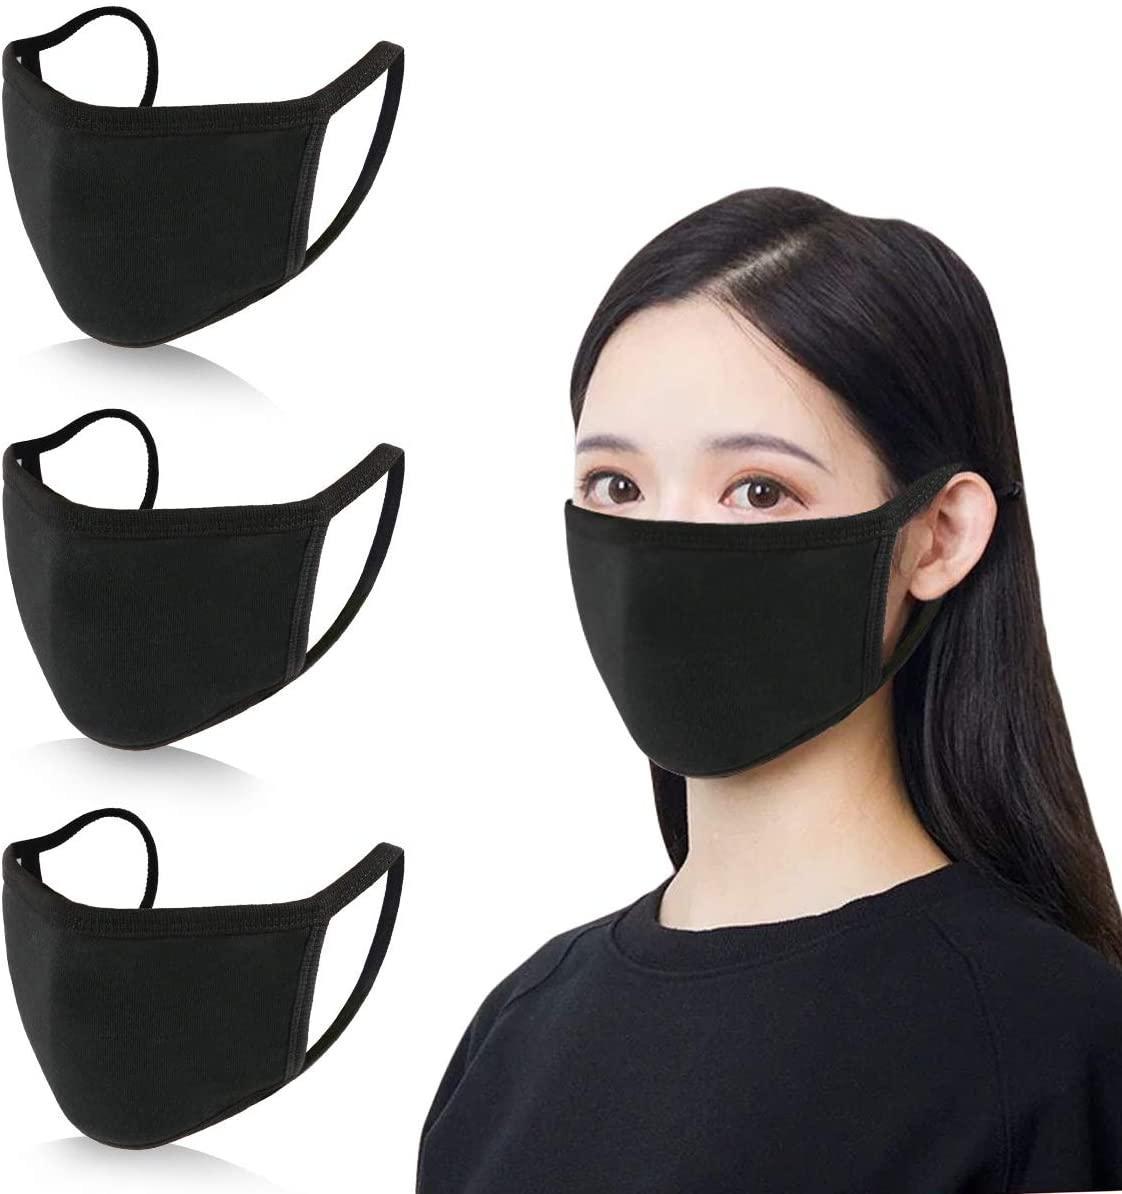 progettista della maschera di protezione di cotone nero grigio Mask Bocca Maschera Anti PM2.5 filtro al carbone attivo stile coreano Tessuto